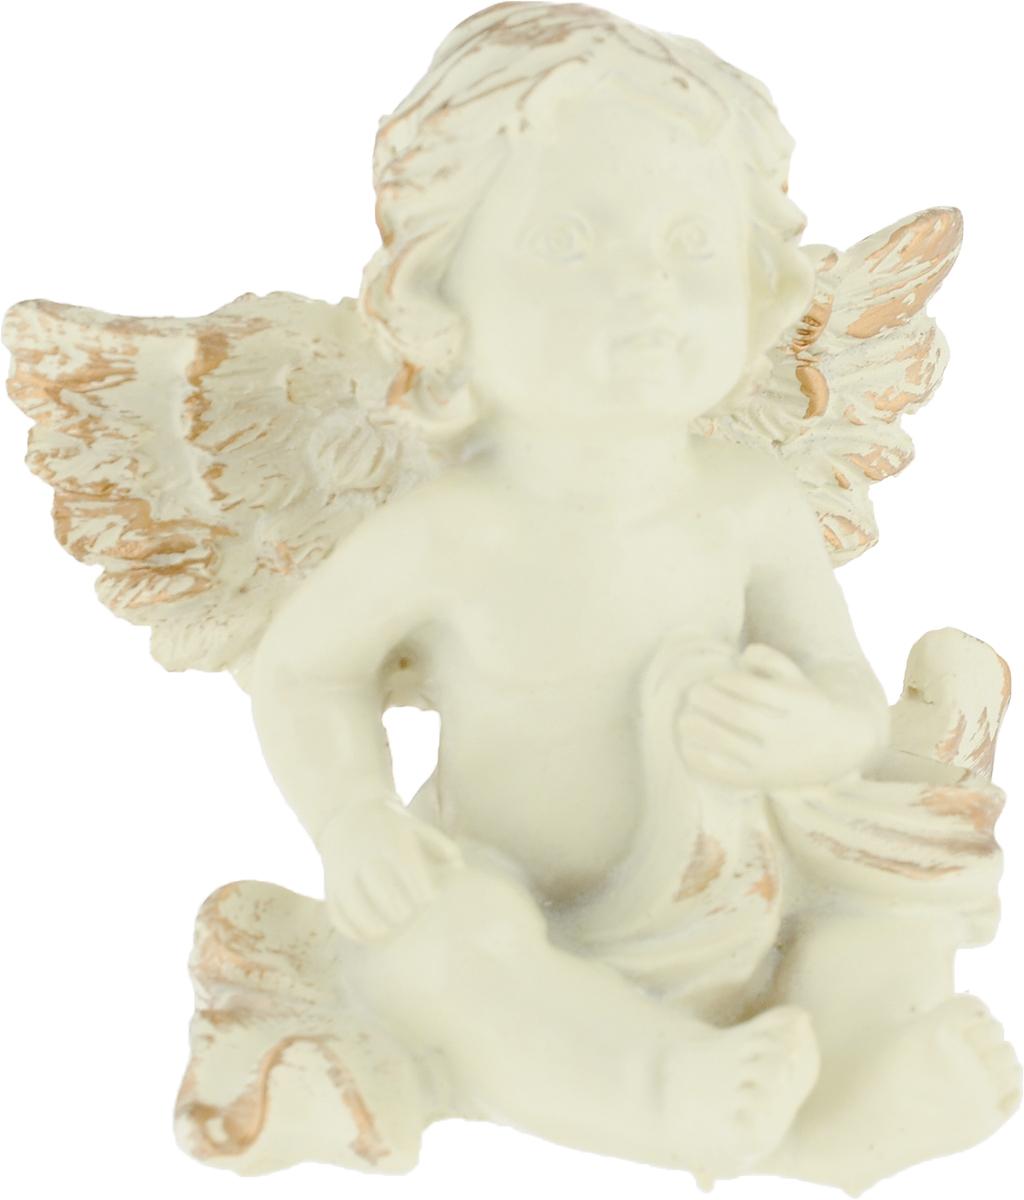 Фигурка декоративная Magic Home Мечтательный ангел, цвет: слоновая кость, золотой, 8,2 х 7 х 4,6 см цена